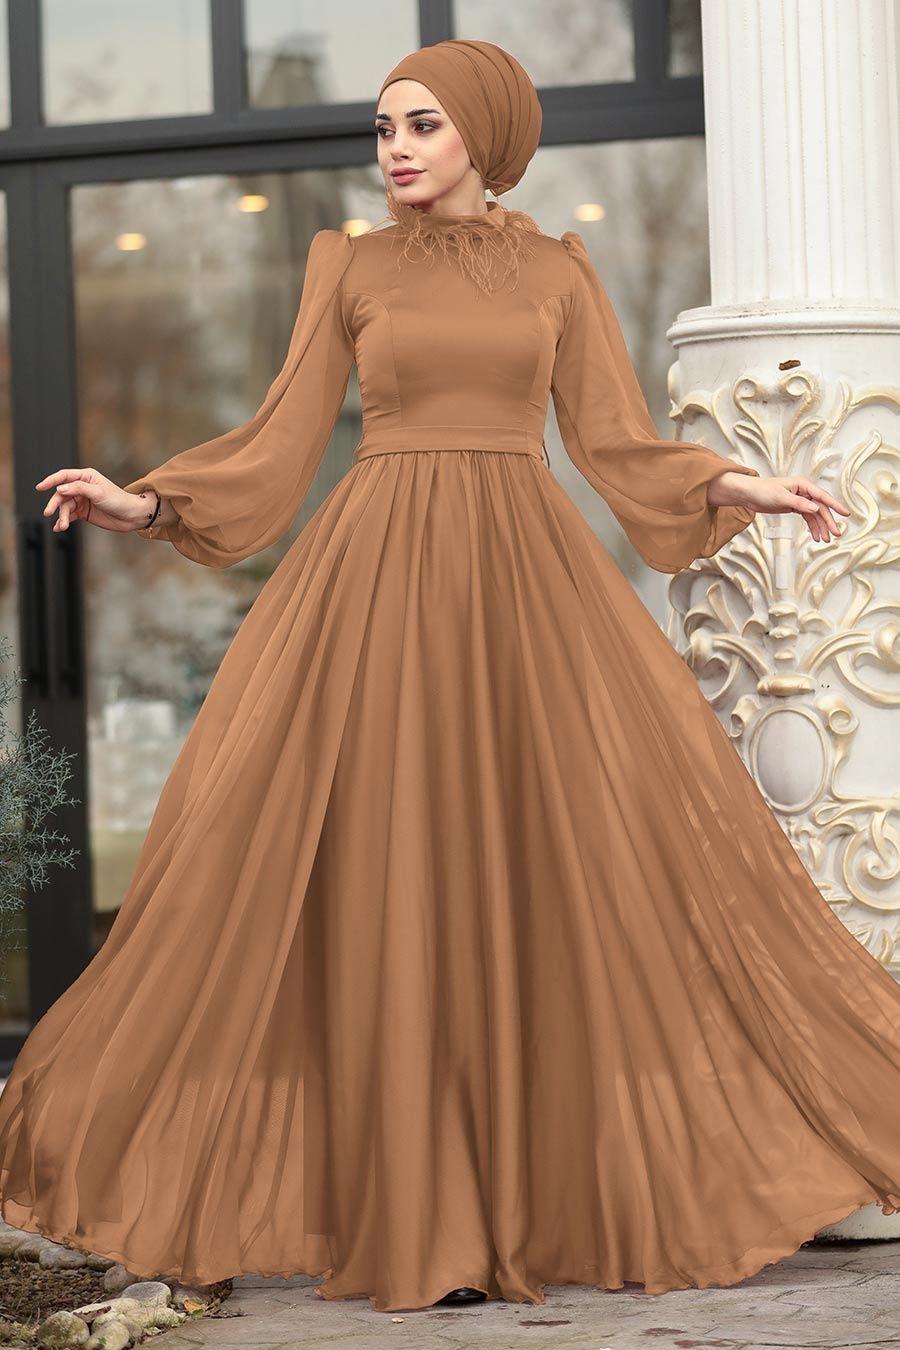 Tesetturlu Abiye Elbise Tuylu Balon Kol Taba Tesettur Abiye Elbise 3925tb Tesetturisland Com 2020 Elbise Islami Giyim Payet Elbise